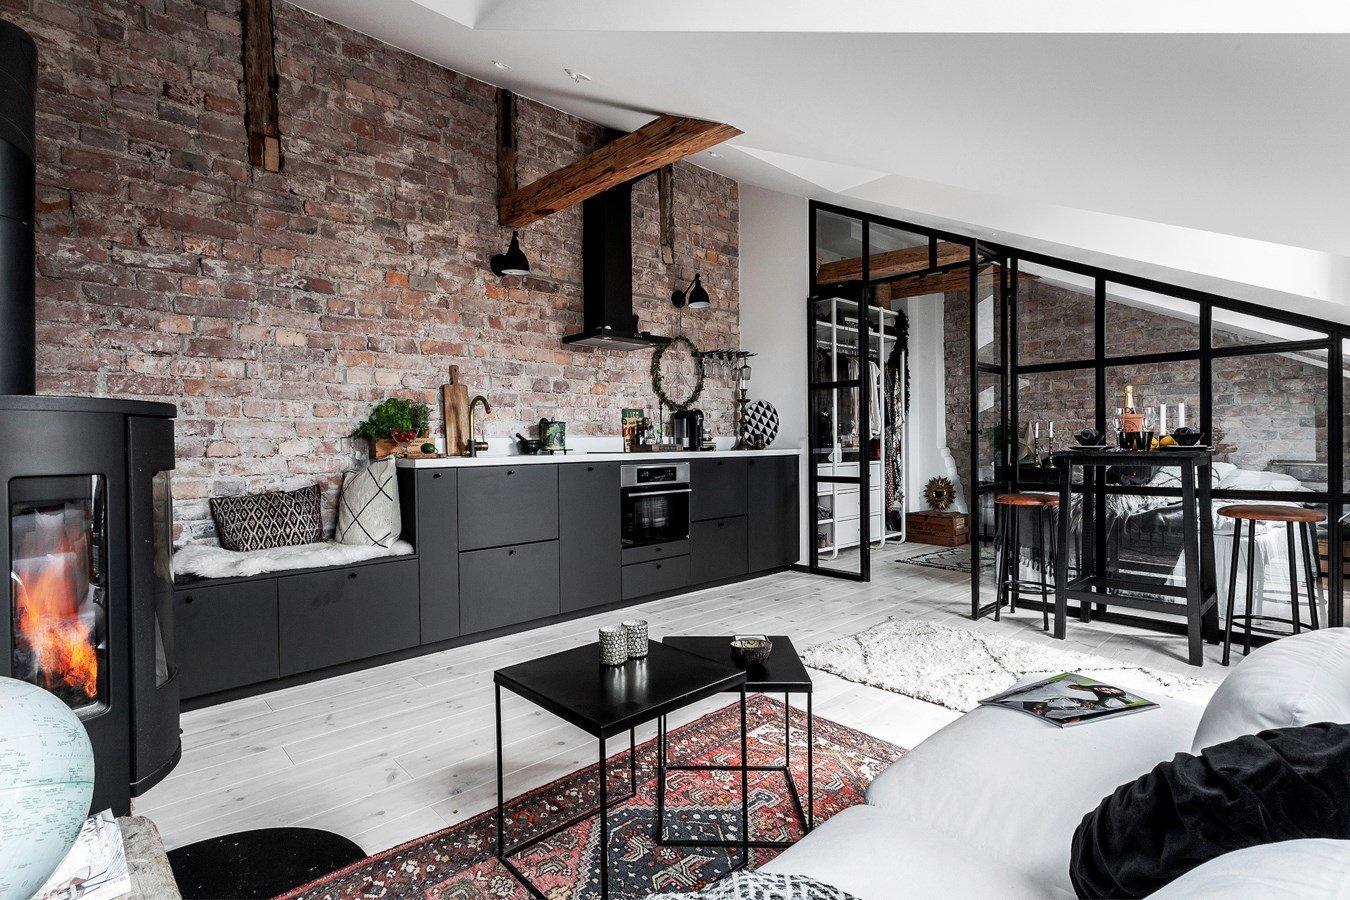 Skvěle řešený malý podkrovní byt ve skandinávském stylu s industriálním nádechem. Nechte se inspirovat hřejivým bytem ve Stockholmu s černou prosklenou stěnou. Uchvátí vás.